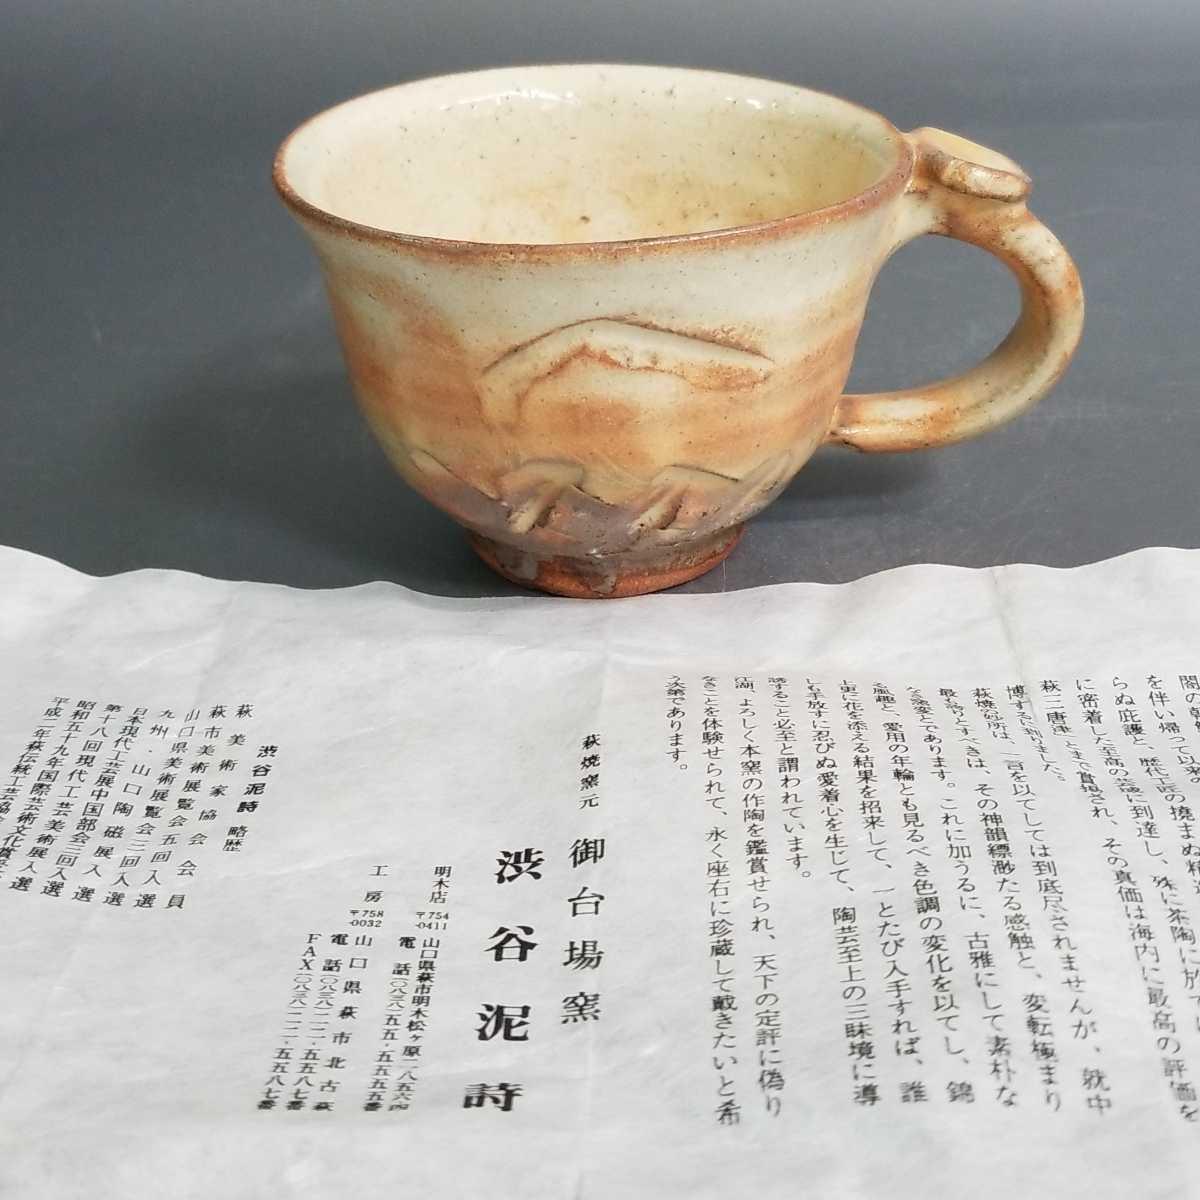 緒62)萩焼 渋谷泥詩 見島コーヒーカップ マグカップ 珈琲器 茶器 未使用新品 同梱歓迎_画像9